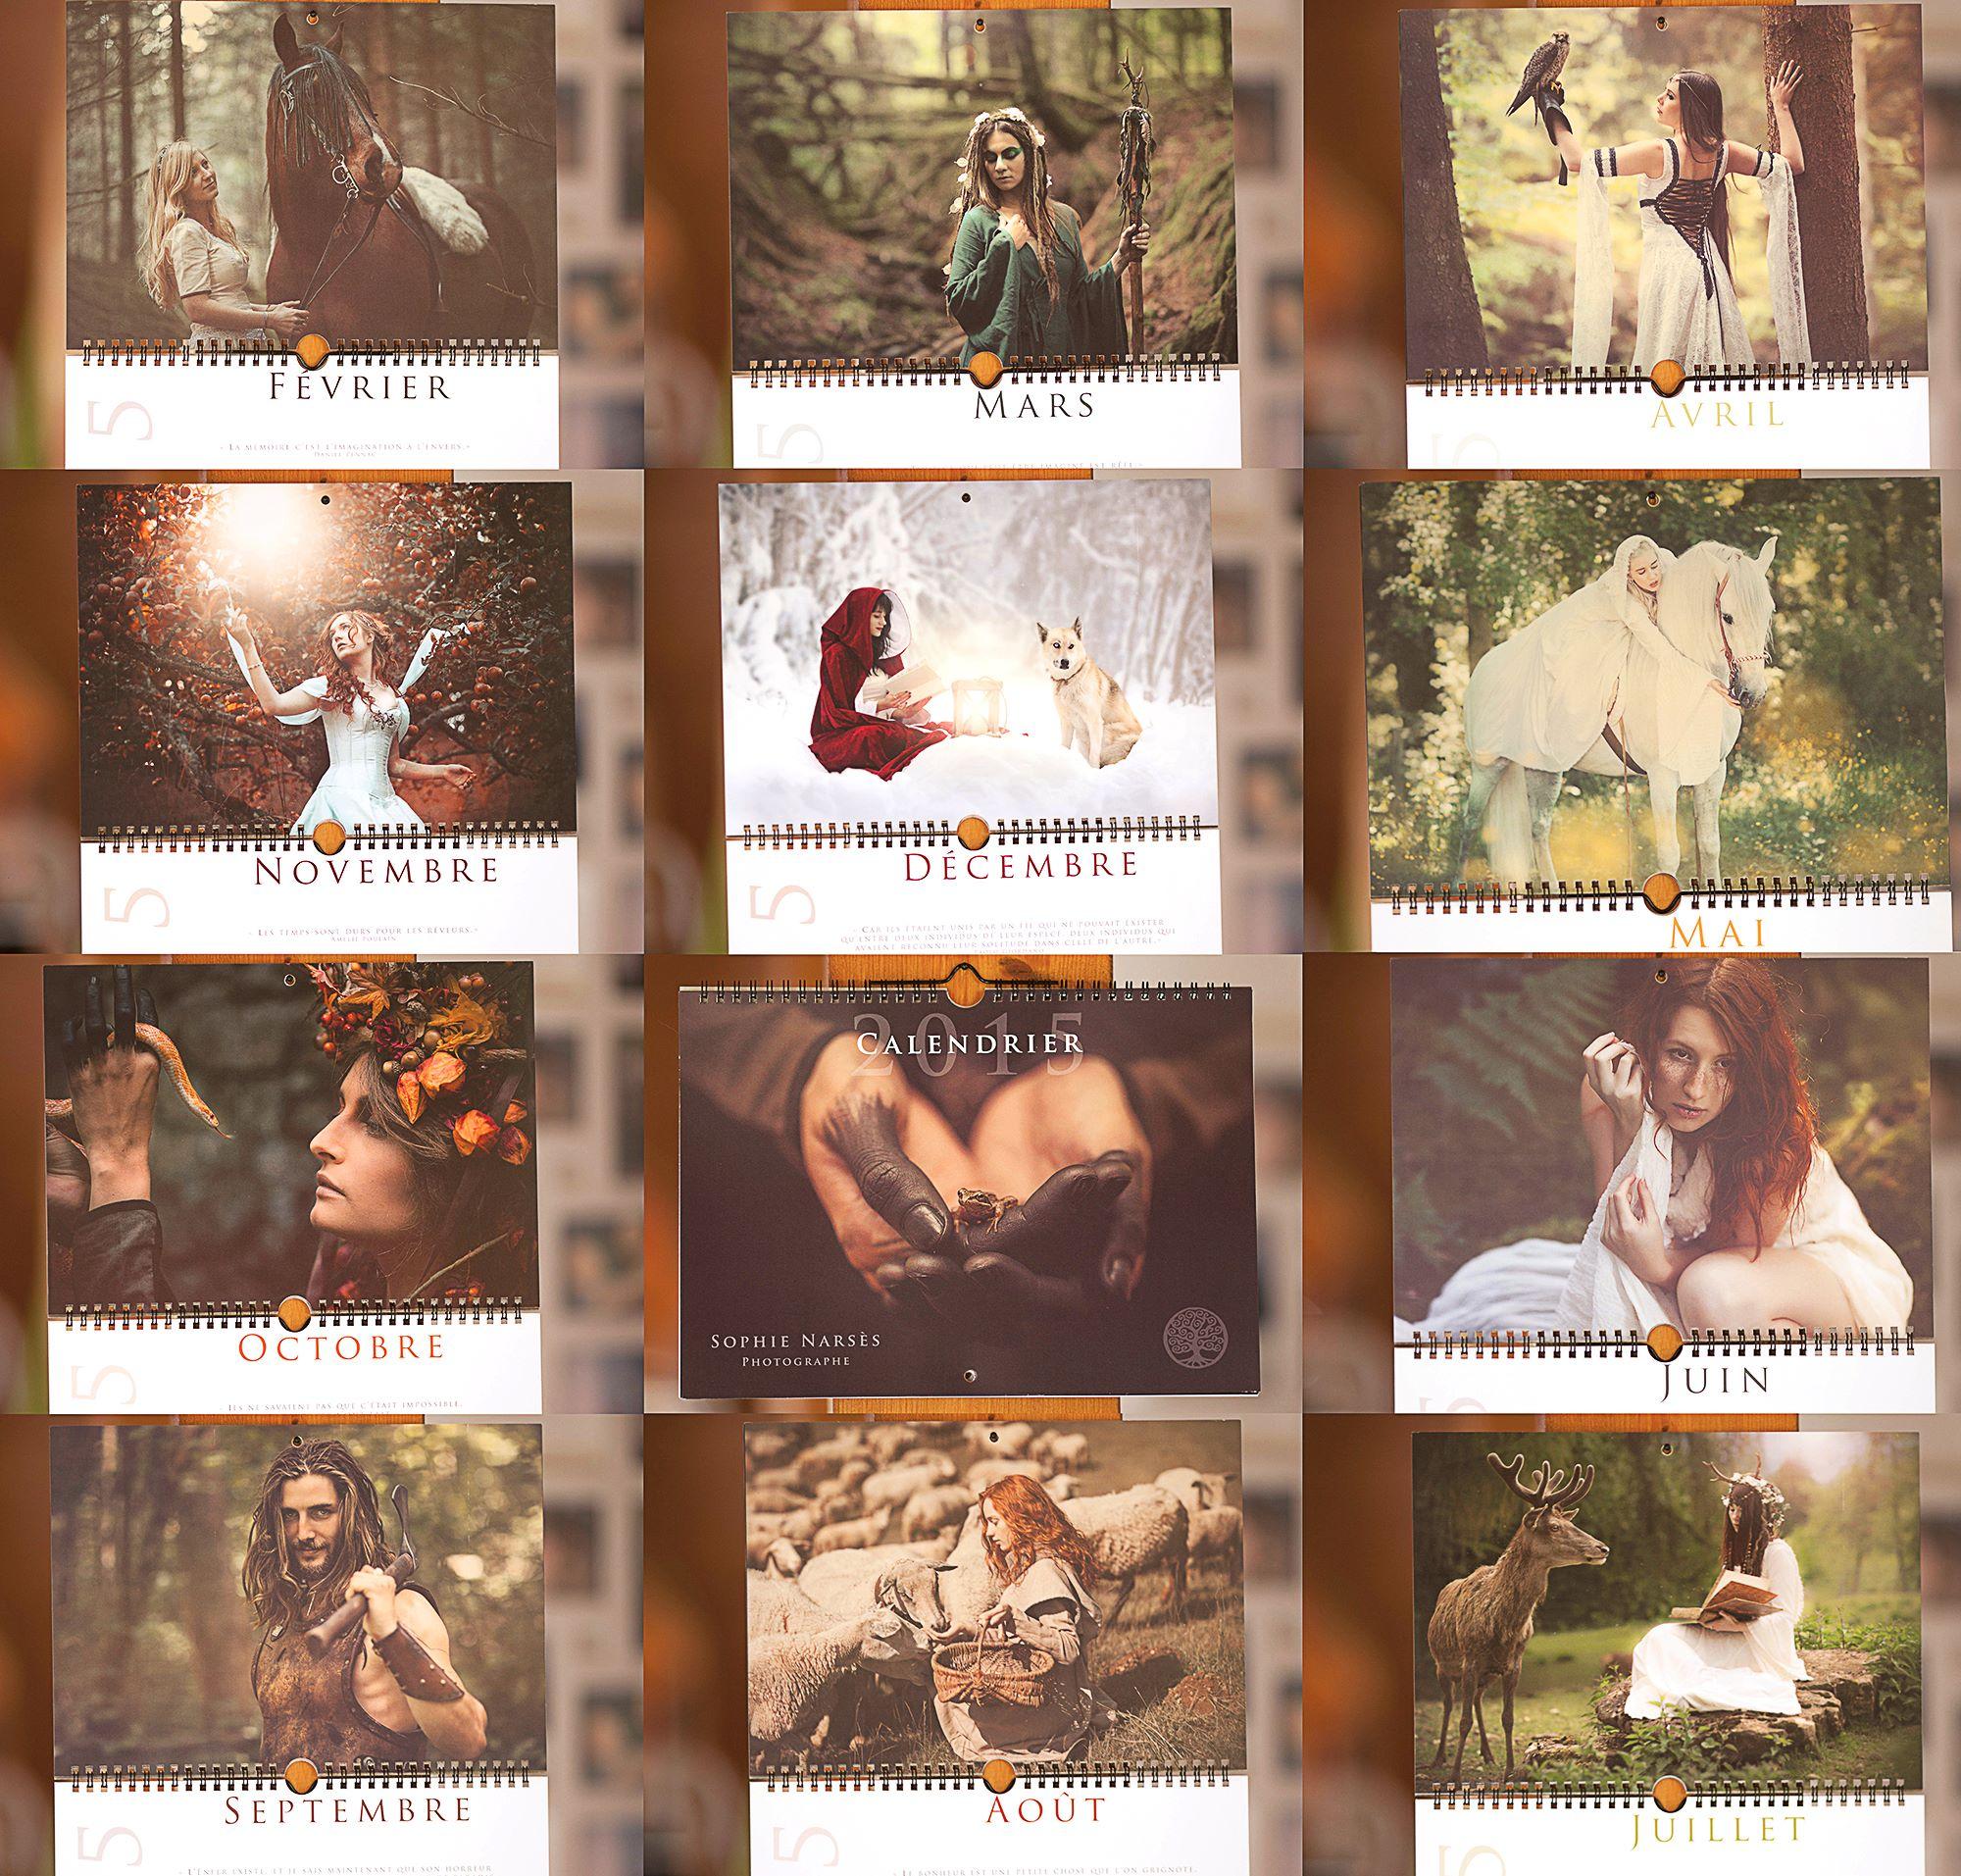 Les calendriers de Sophie Narsès